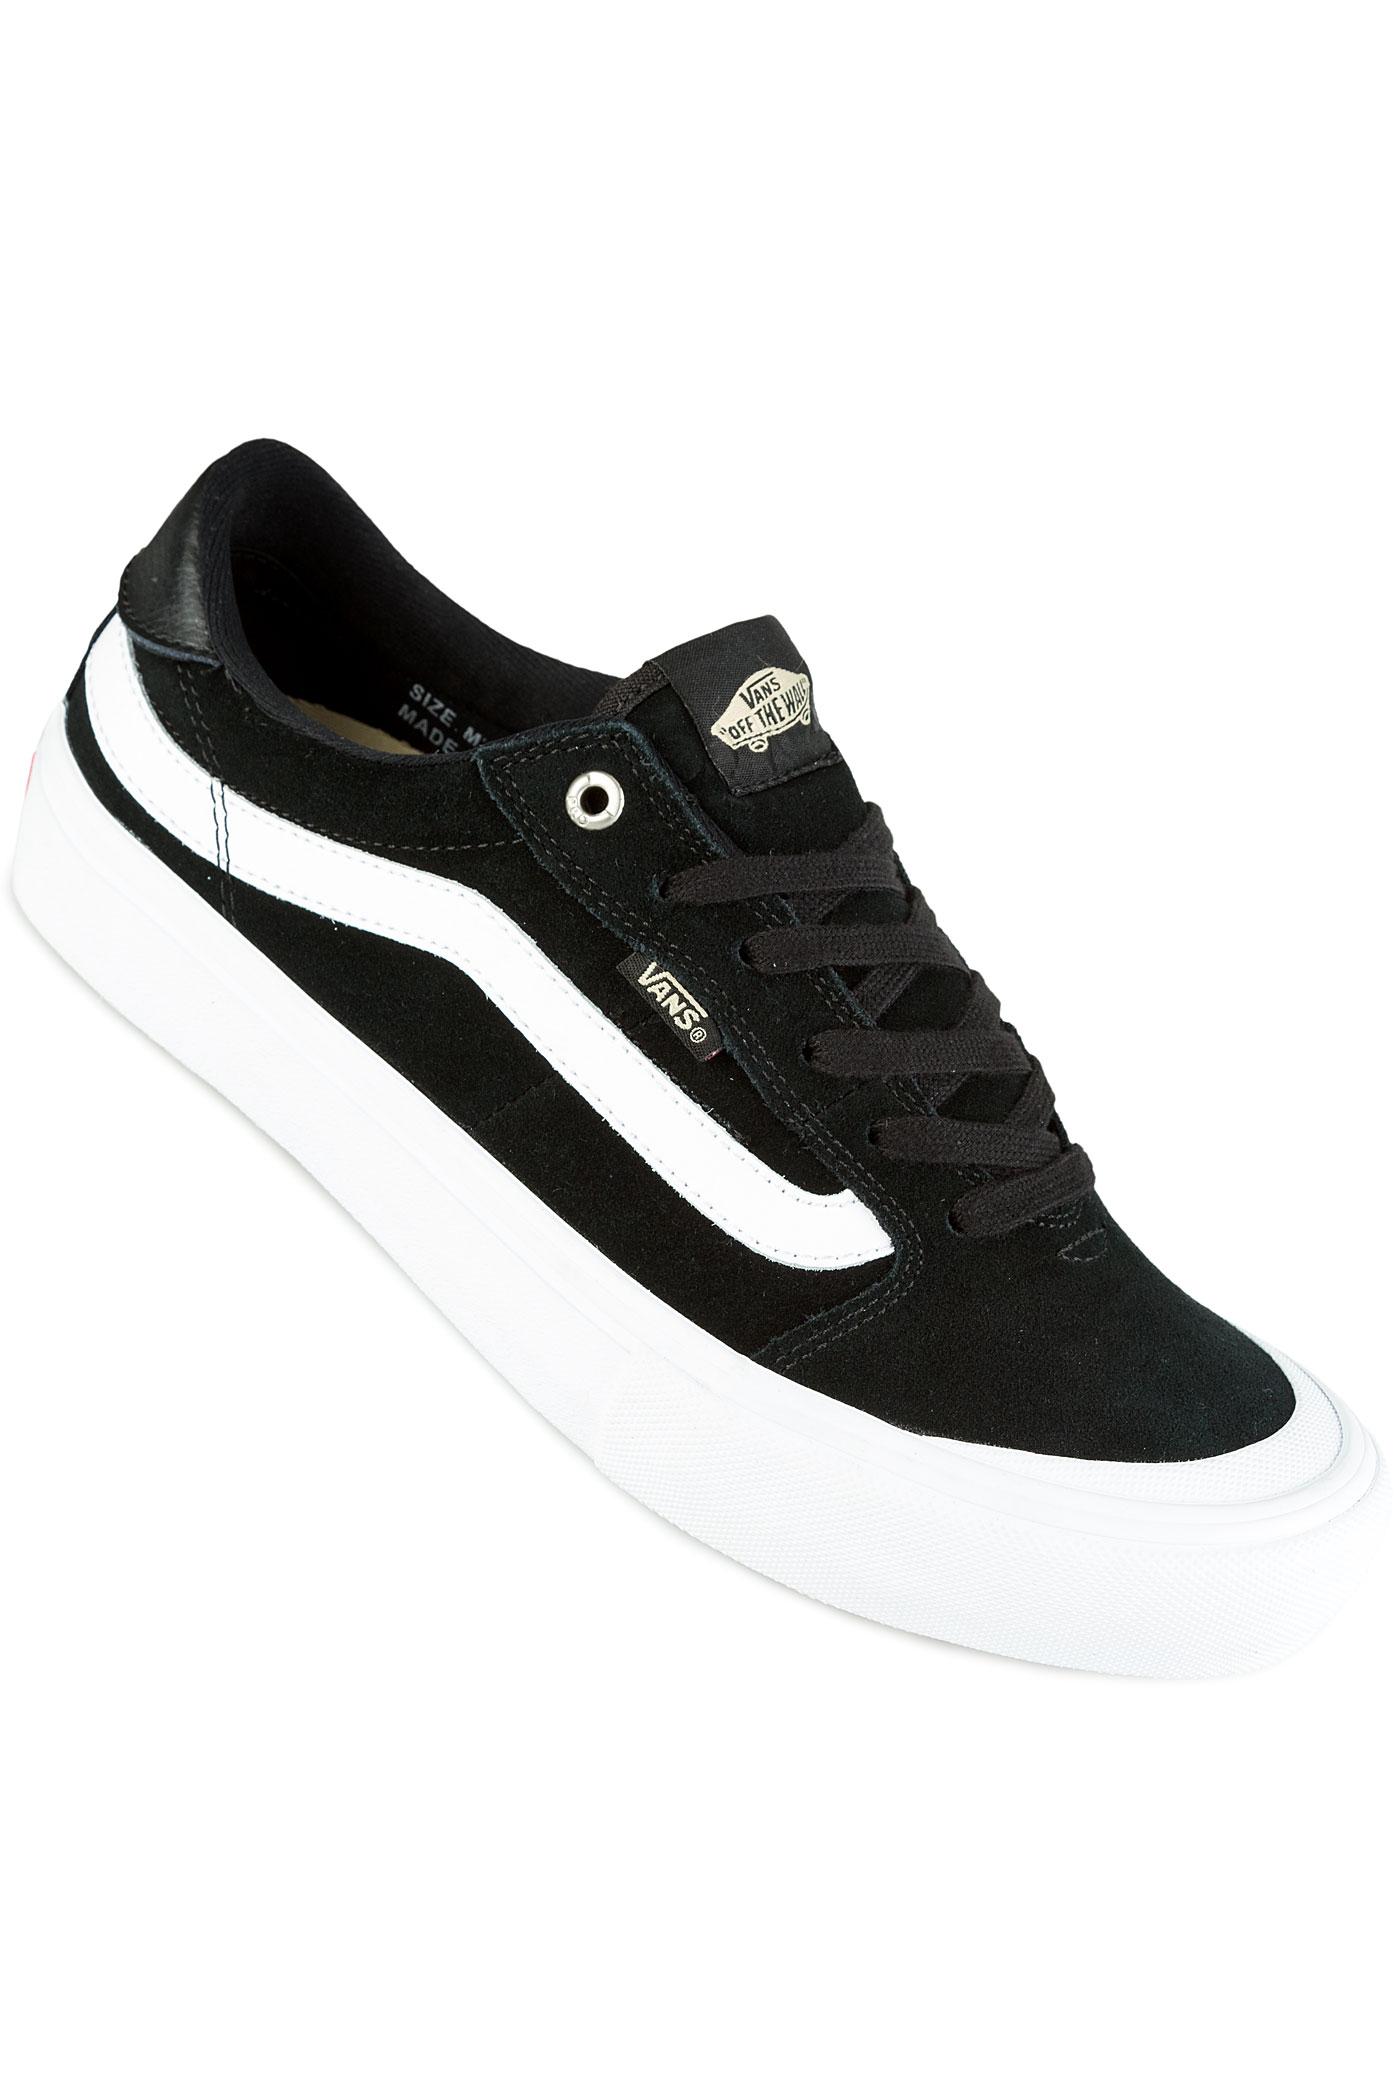 vans 112. vans style 112 pro shoes (black black white)